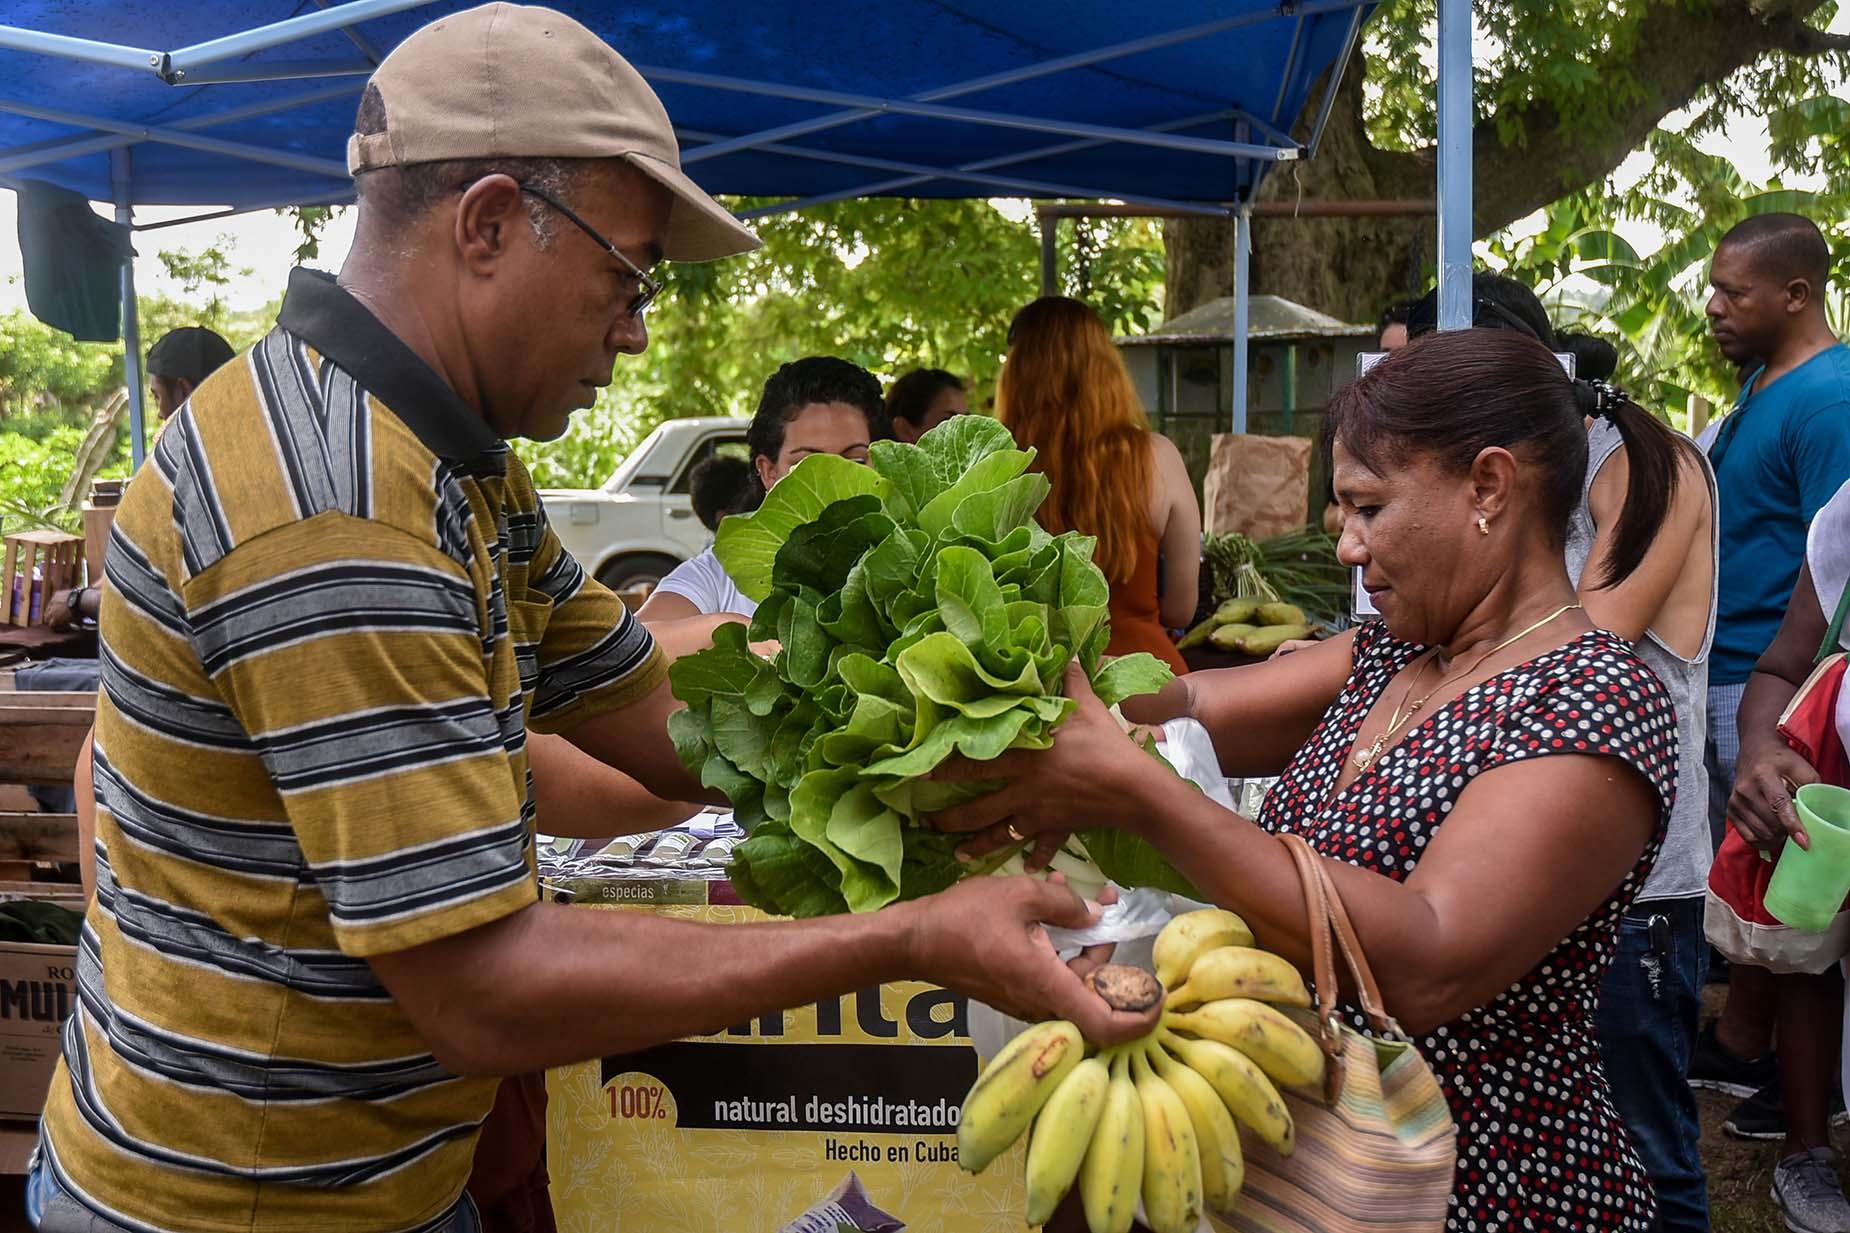 Mercado de la Tierra realizado en la finca privada Vista Hermosa, en la periferia de La Habana. Foto: Ariel Cecilio Lemus / Cubapaladar / Archivo.